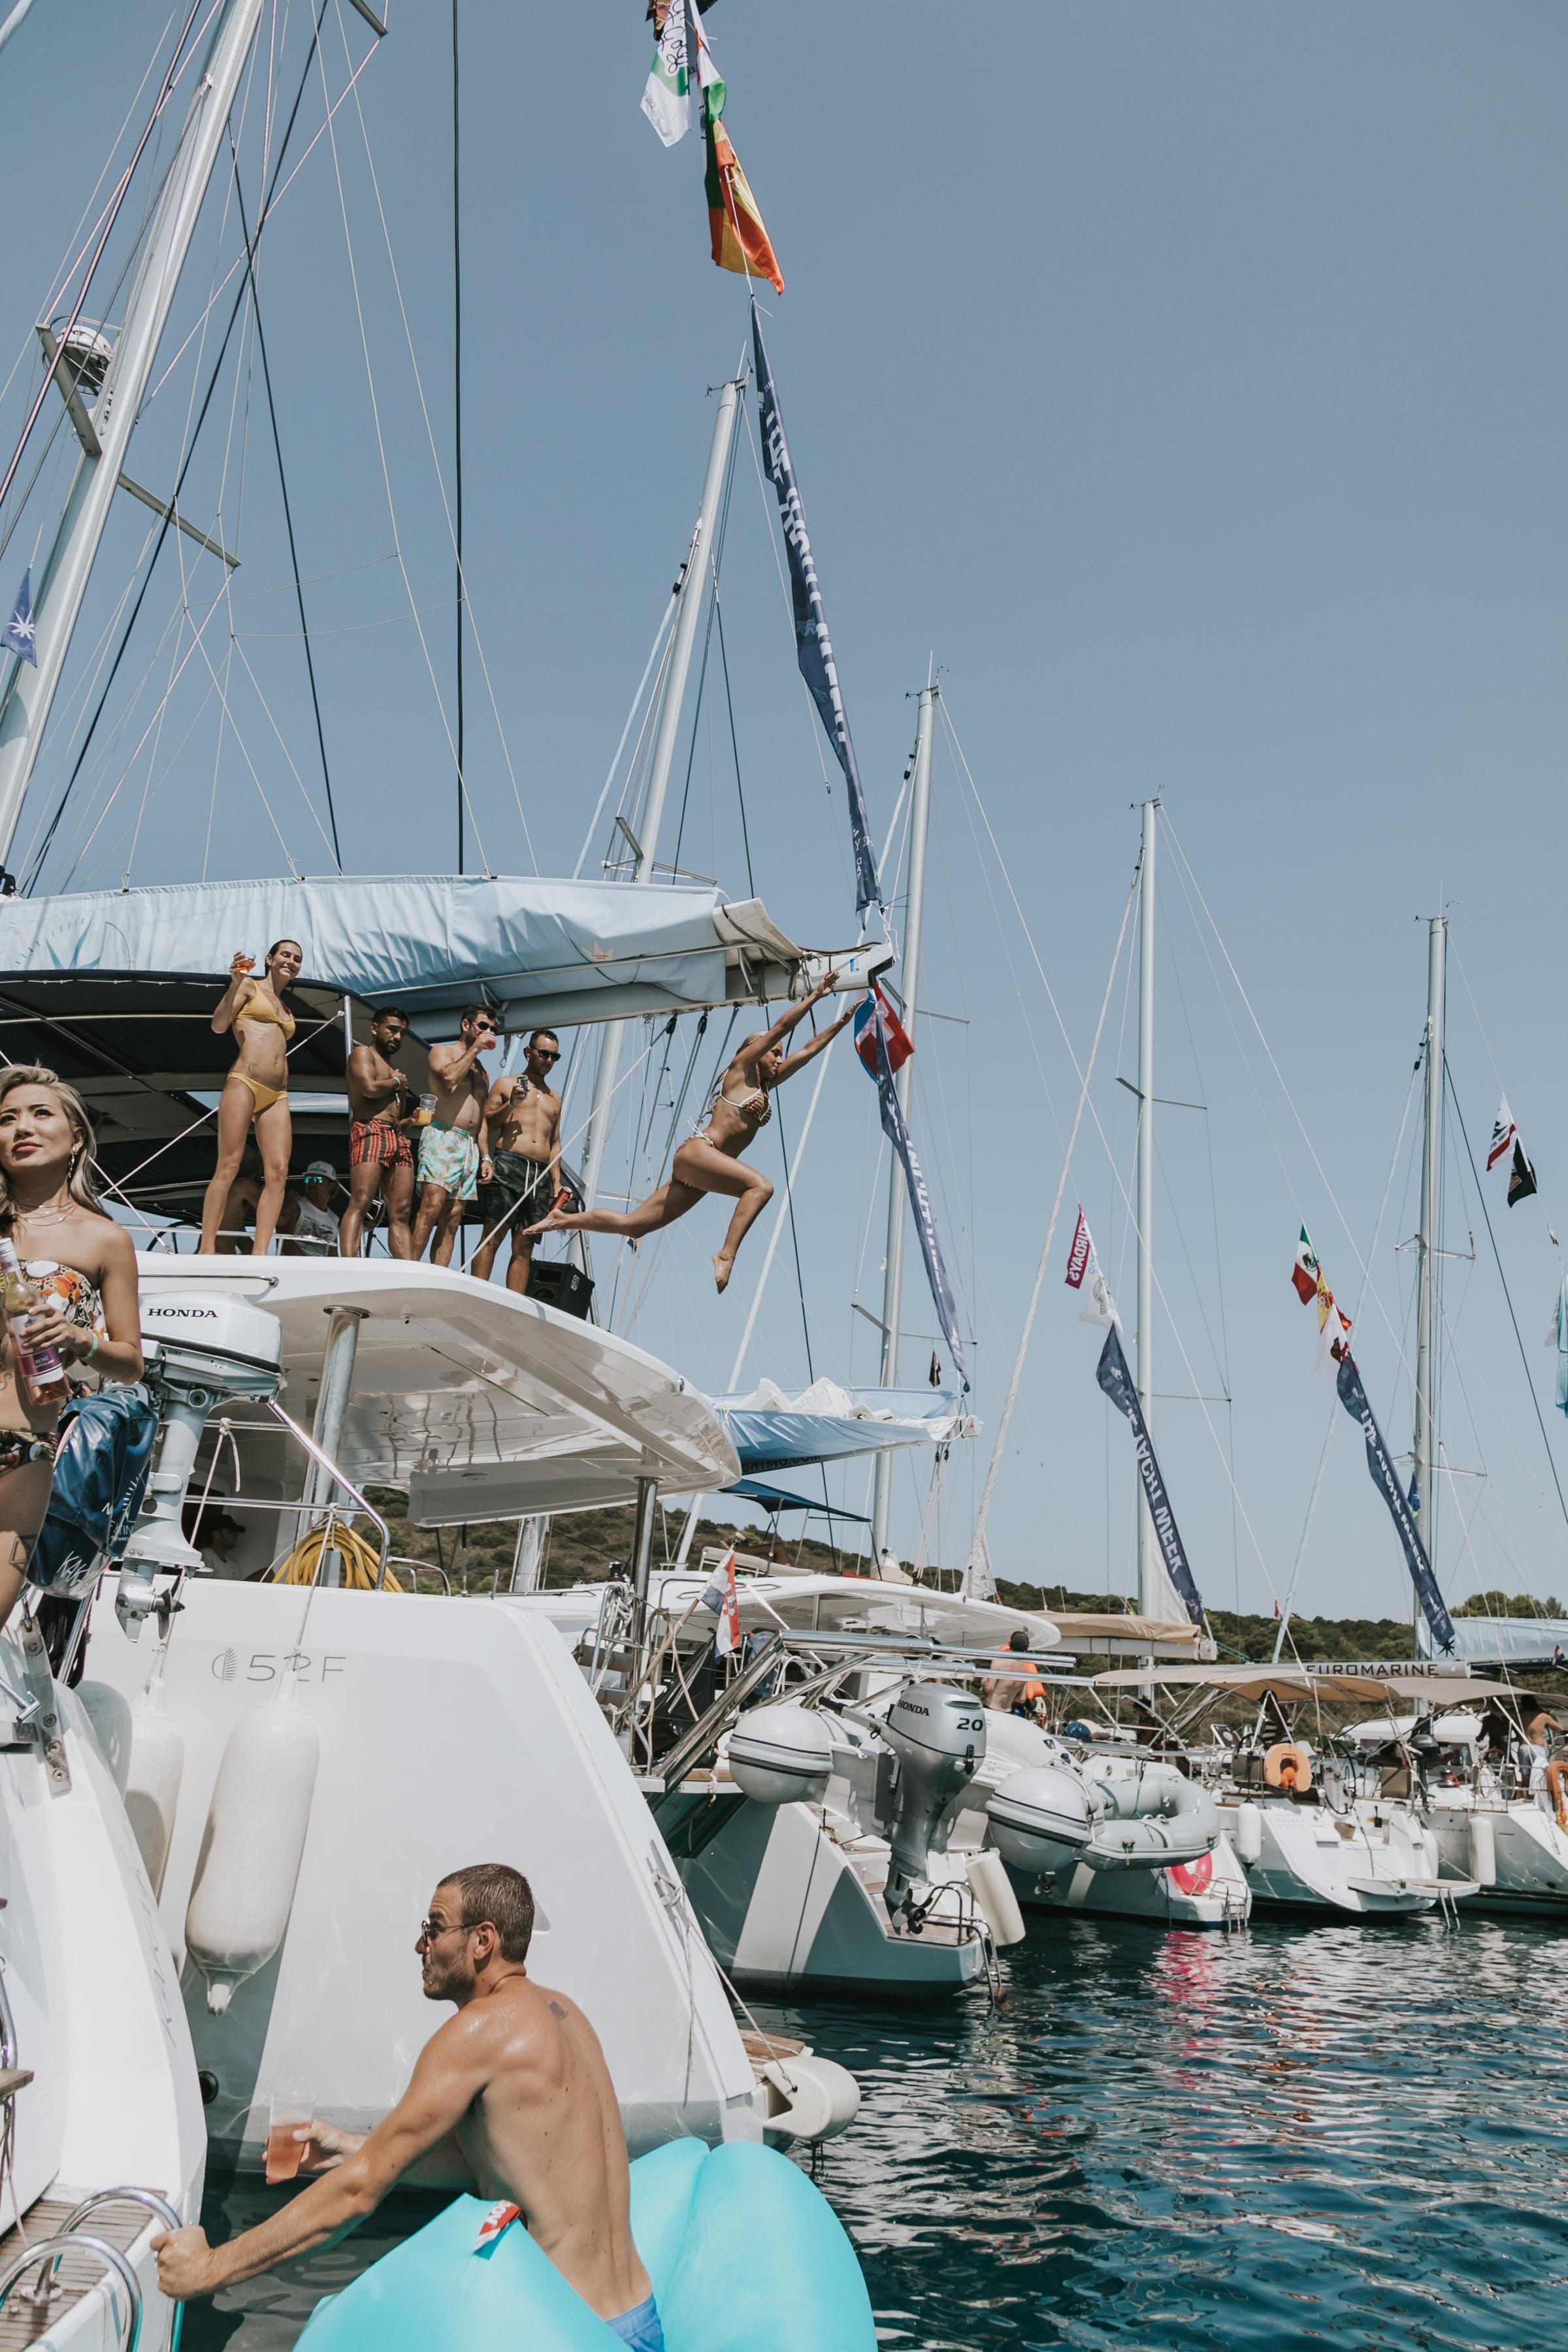 Supercharge-YachtWeek-AUG2018-CreditAllisonKuhlPhotos-7853.jpg